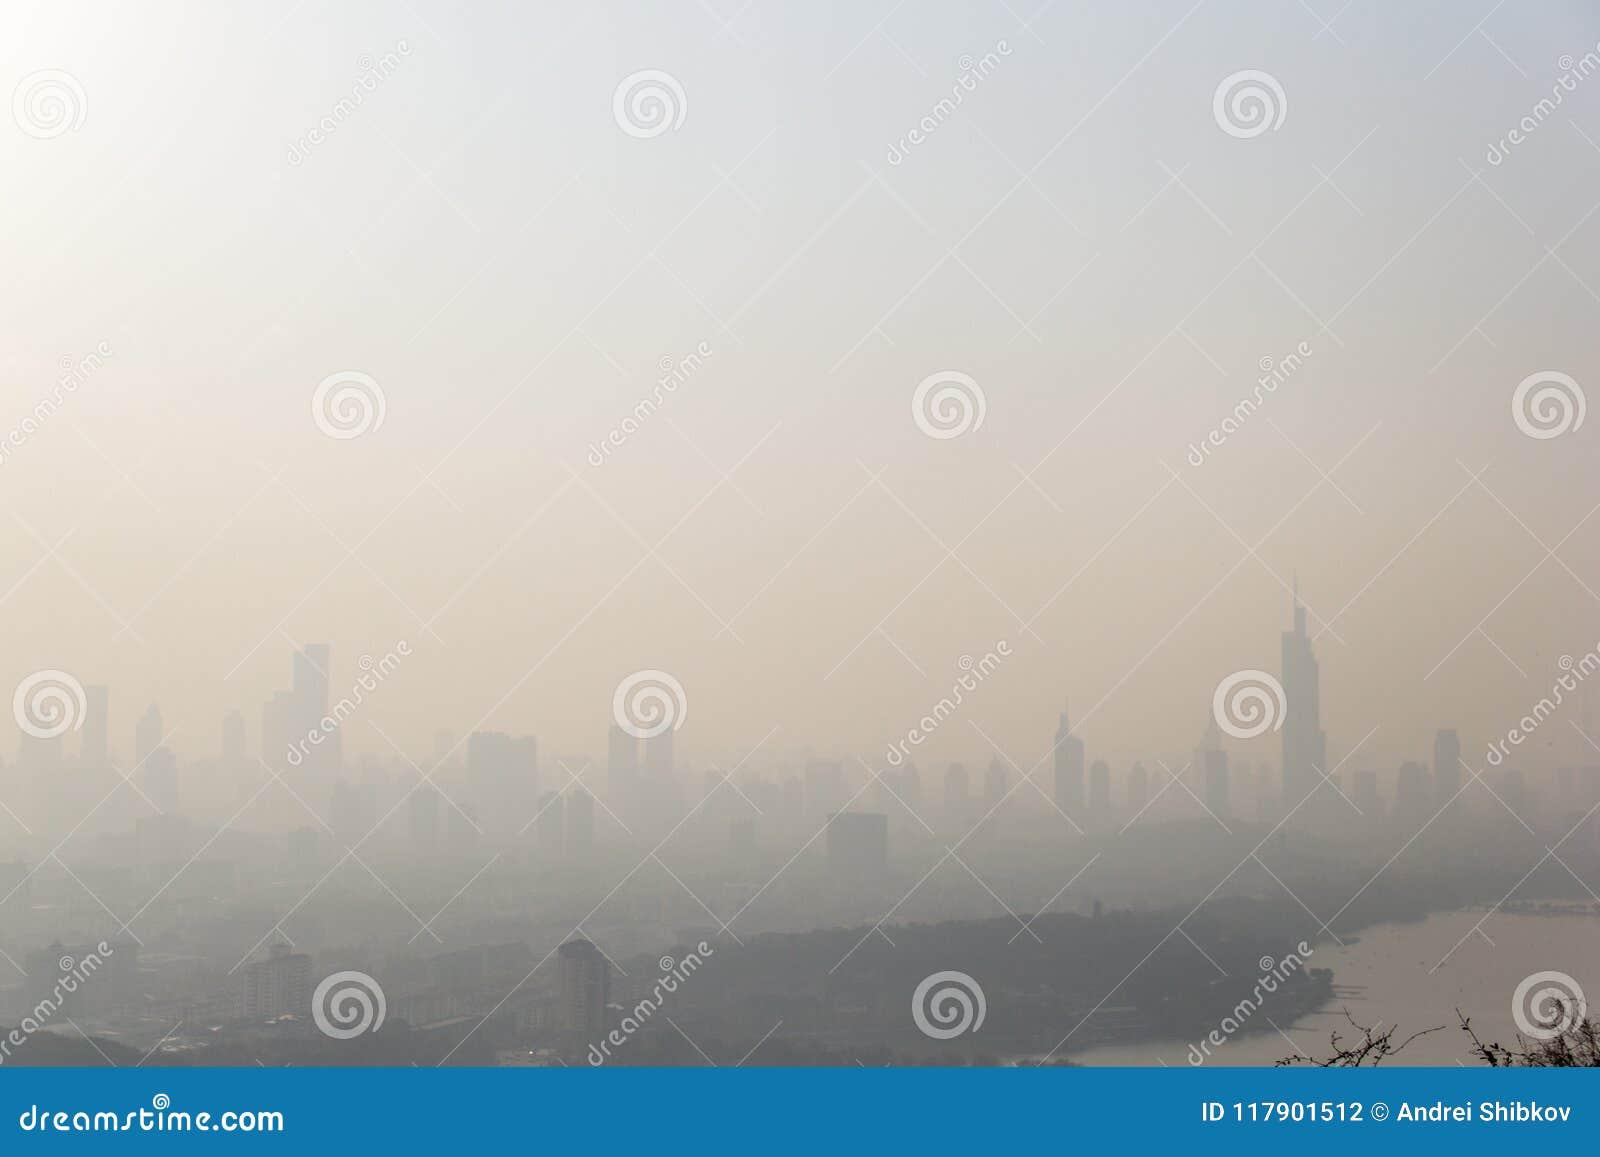 City landscape of Nanjing in China in fog